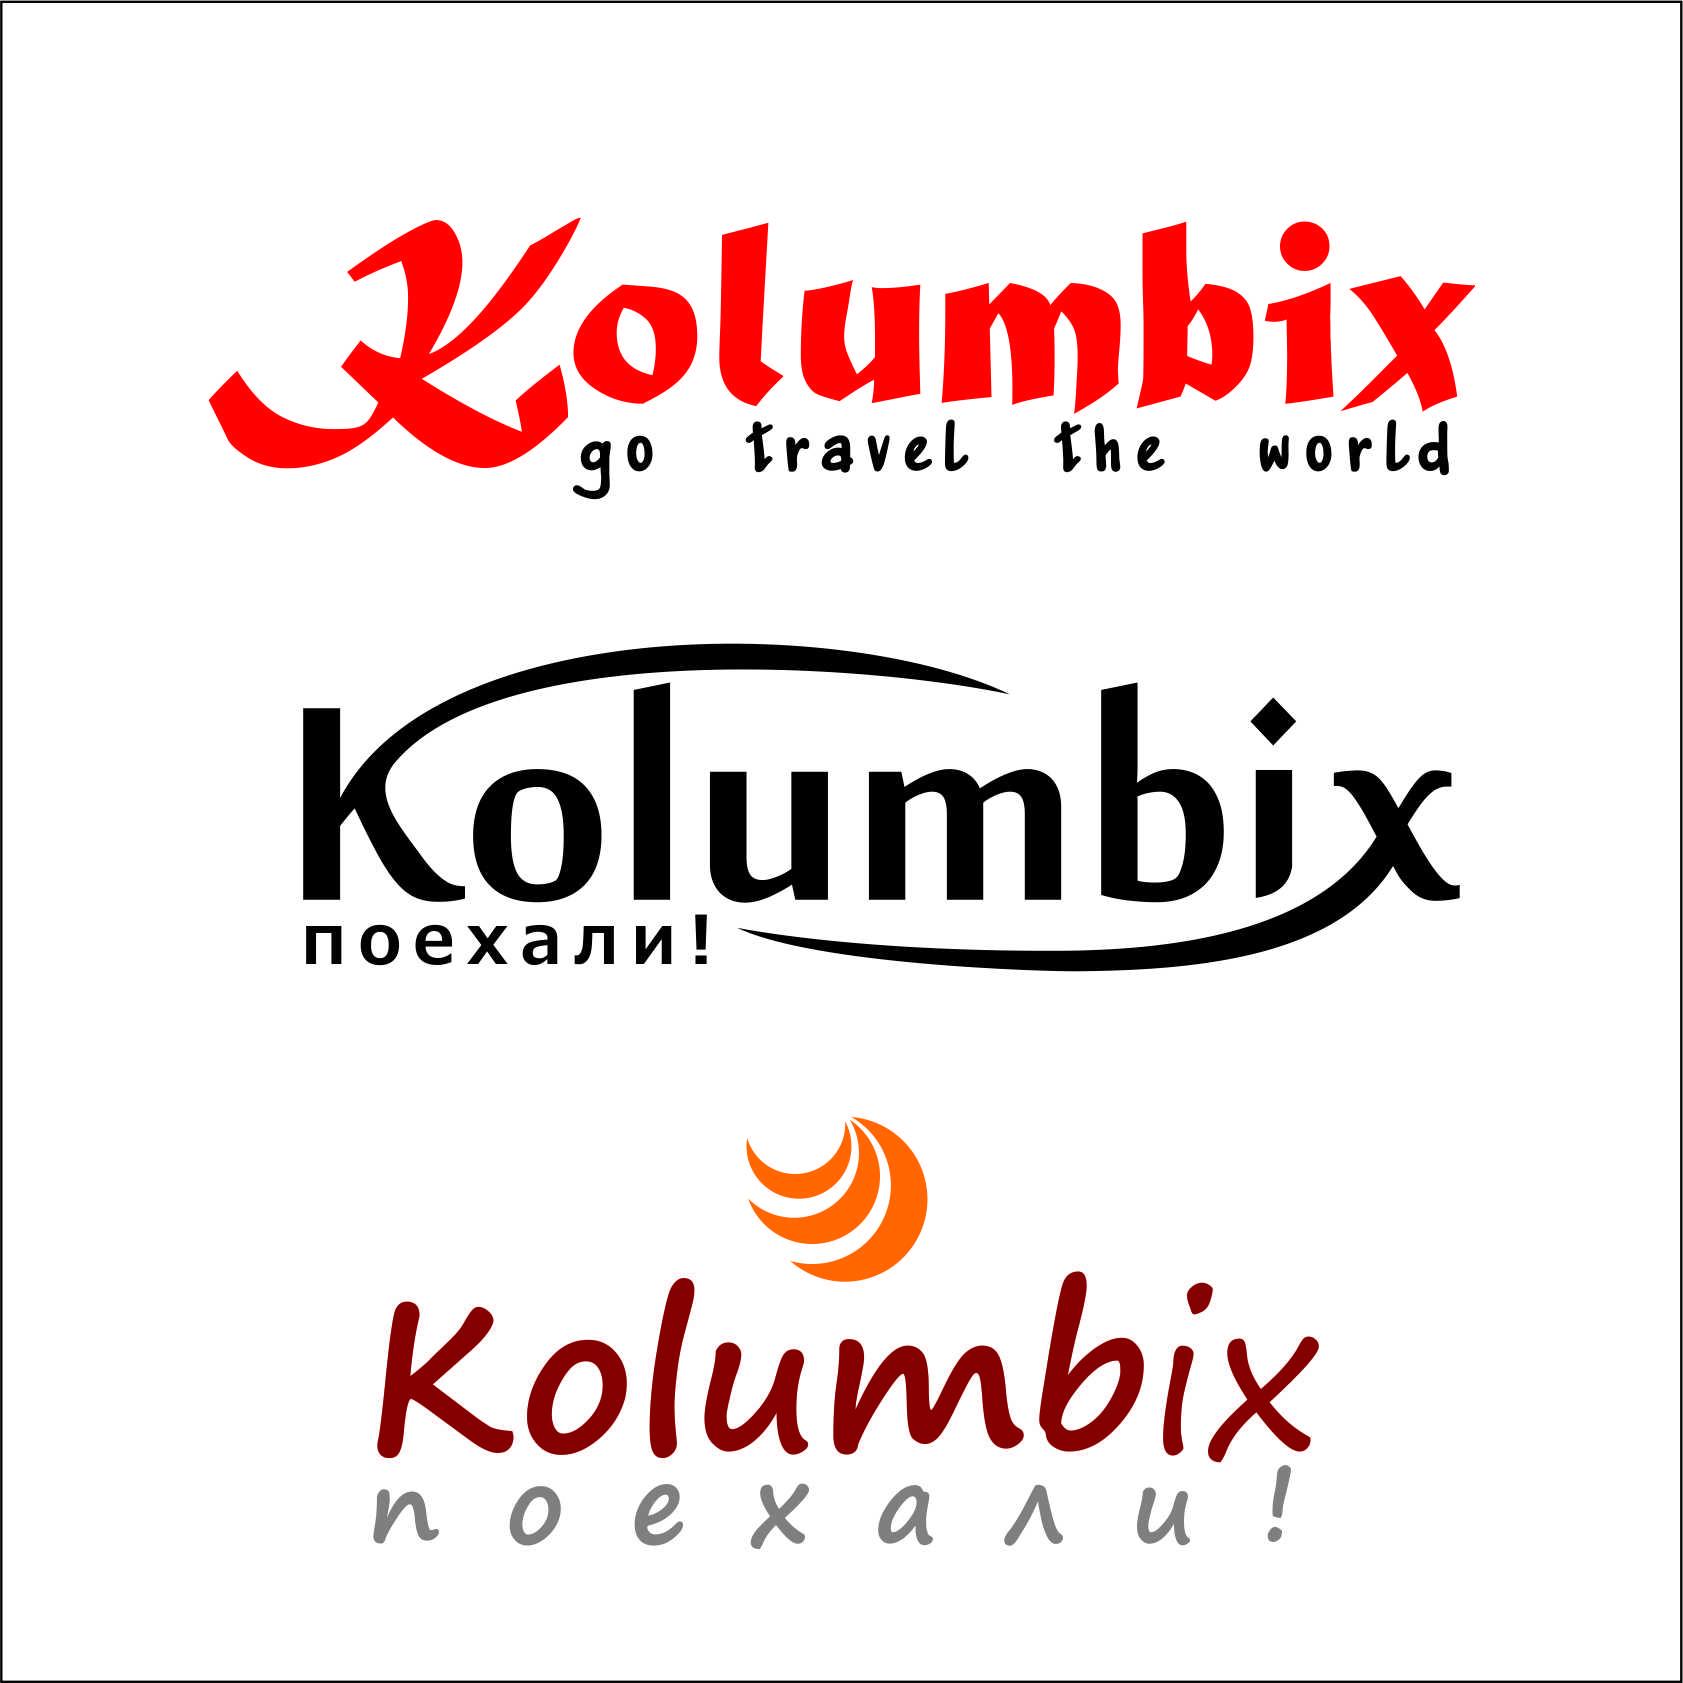 Создание логотипа для туристической фирмы Kolumbix фото f_4fb39b8784b36.jpg